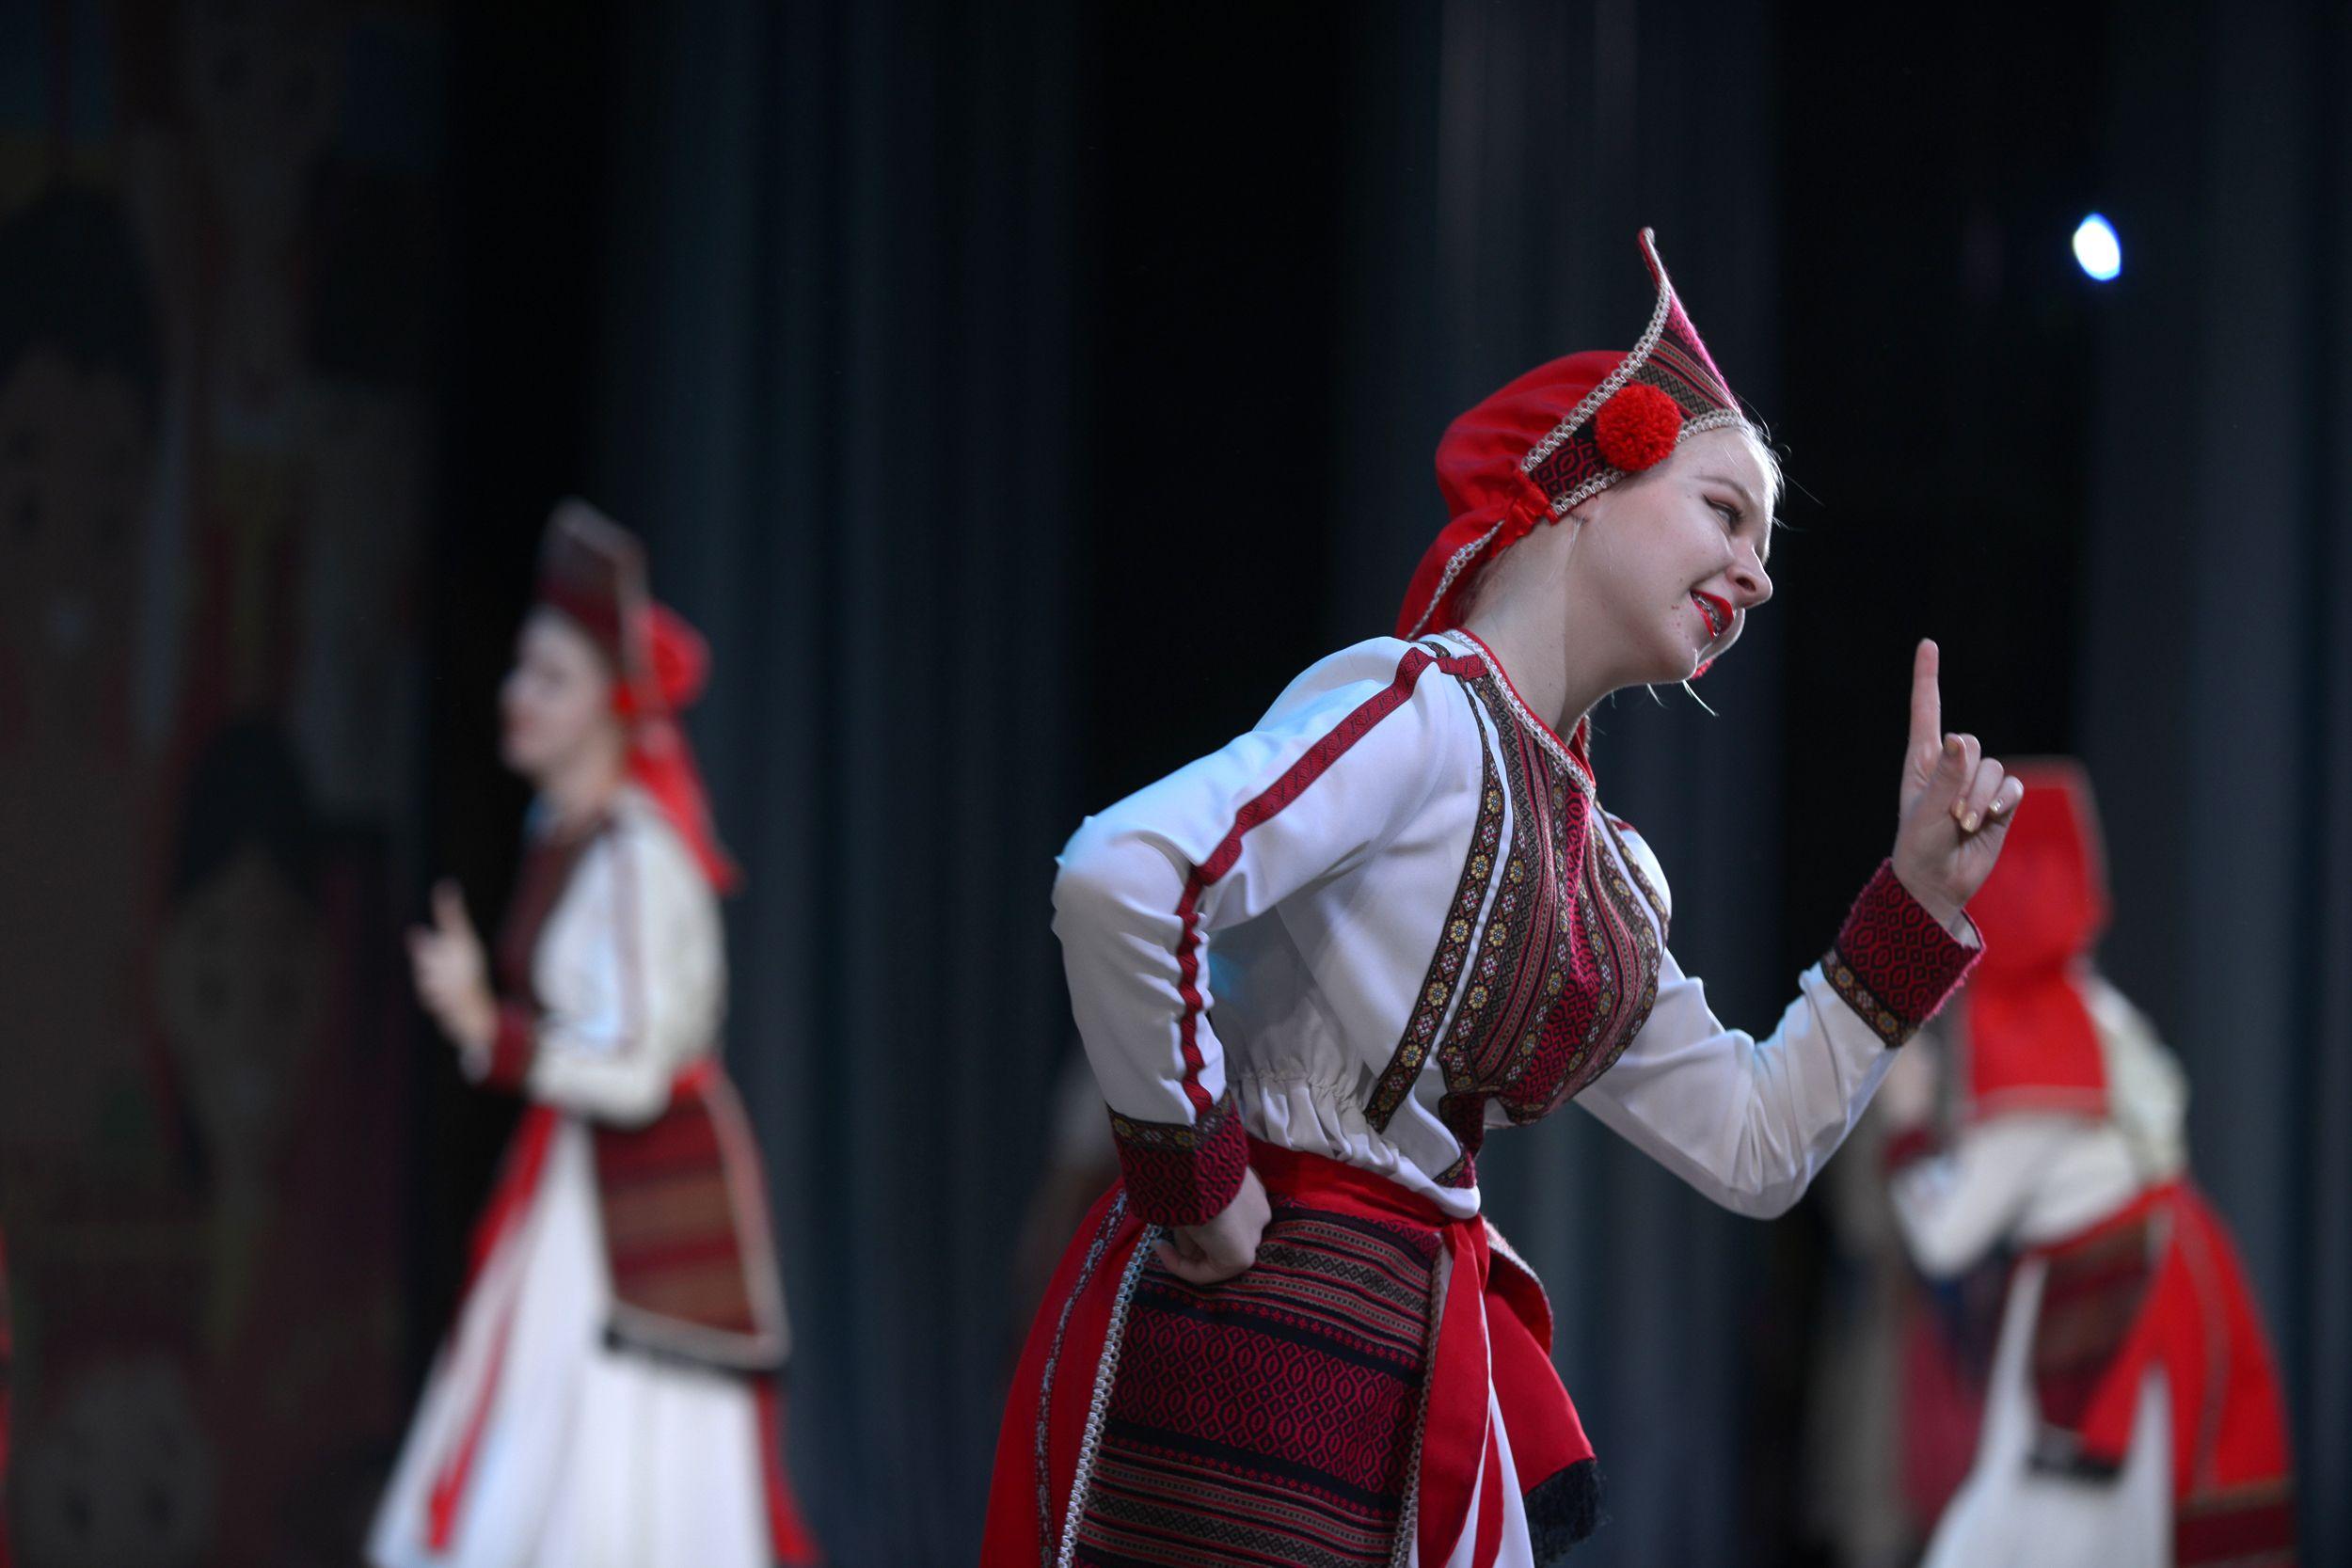 Артисты из Михайлово-Ярцевского выступят на отчетном концерте